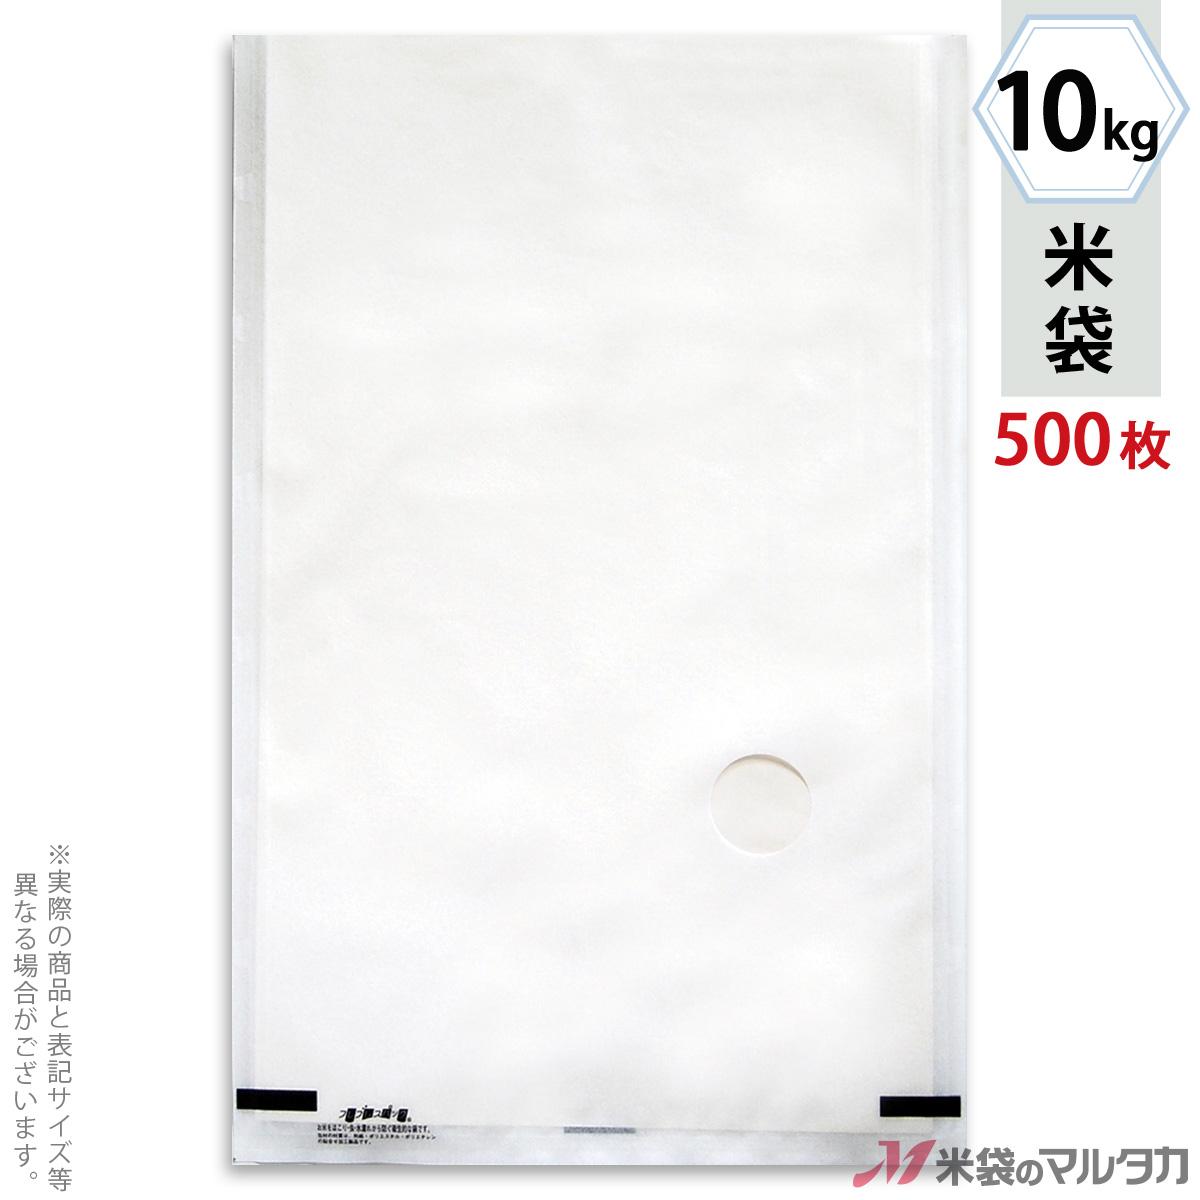 米袋 レーヨン和紙 フレブレス 無地 窓付 10kg 1ケース(500枚入) MY-2000